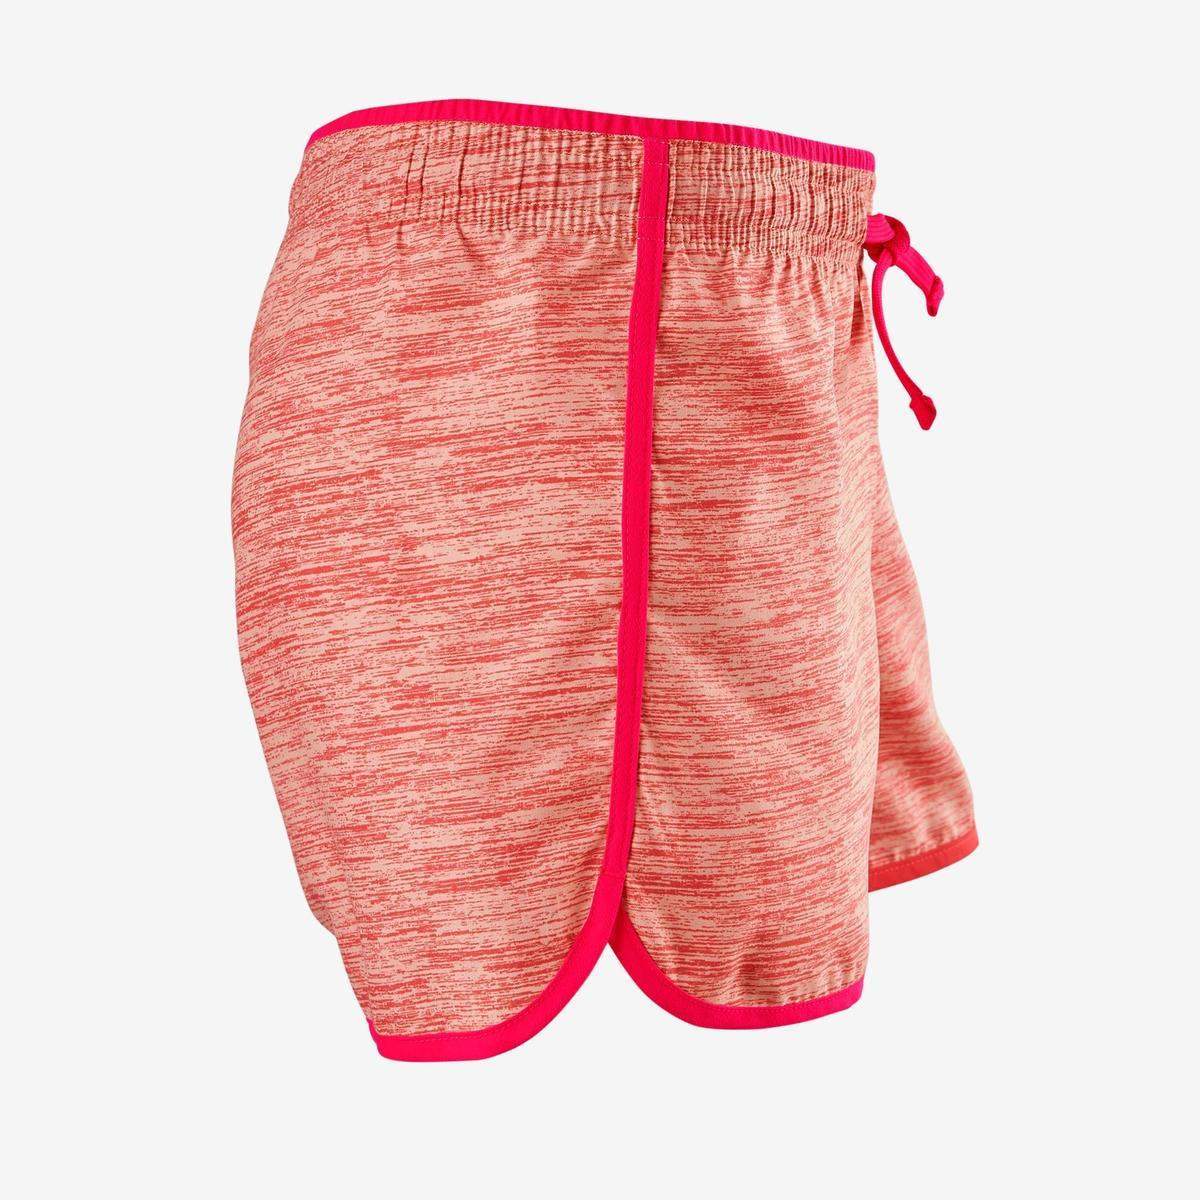 Bild 4 von Sporthose kurz W500 Gym Mädchen rosa